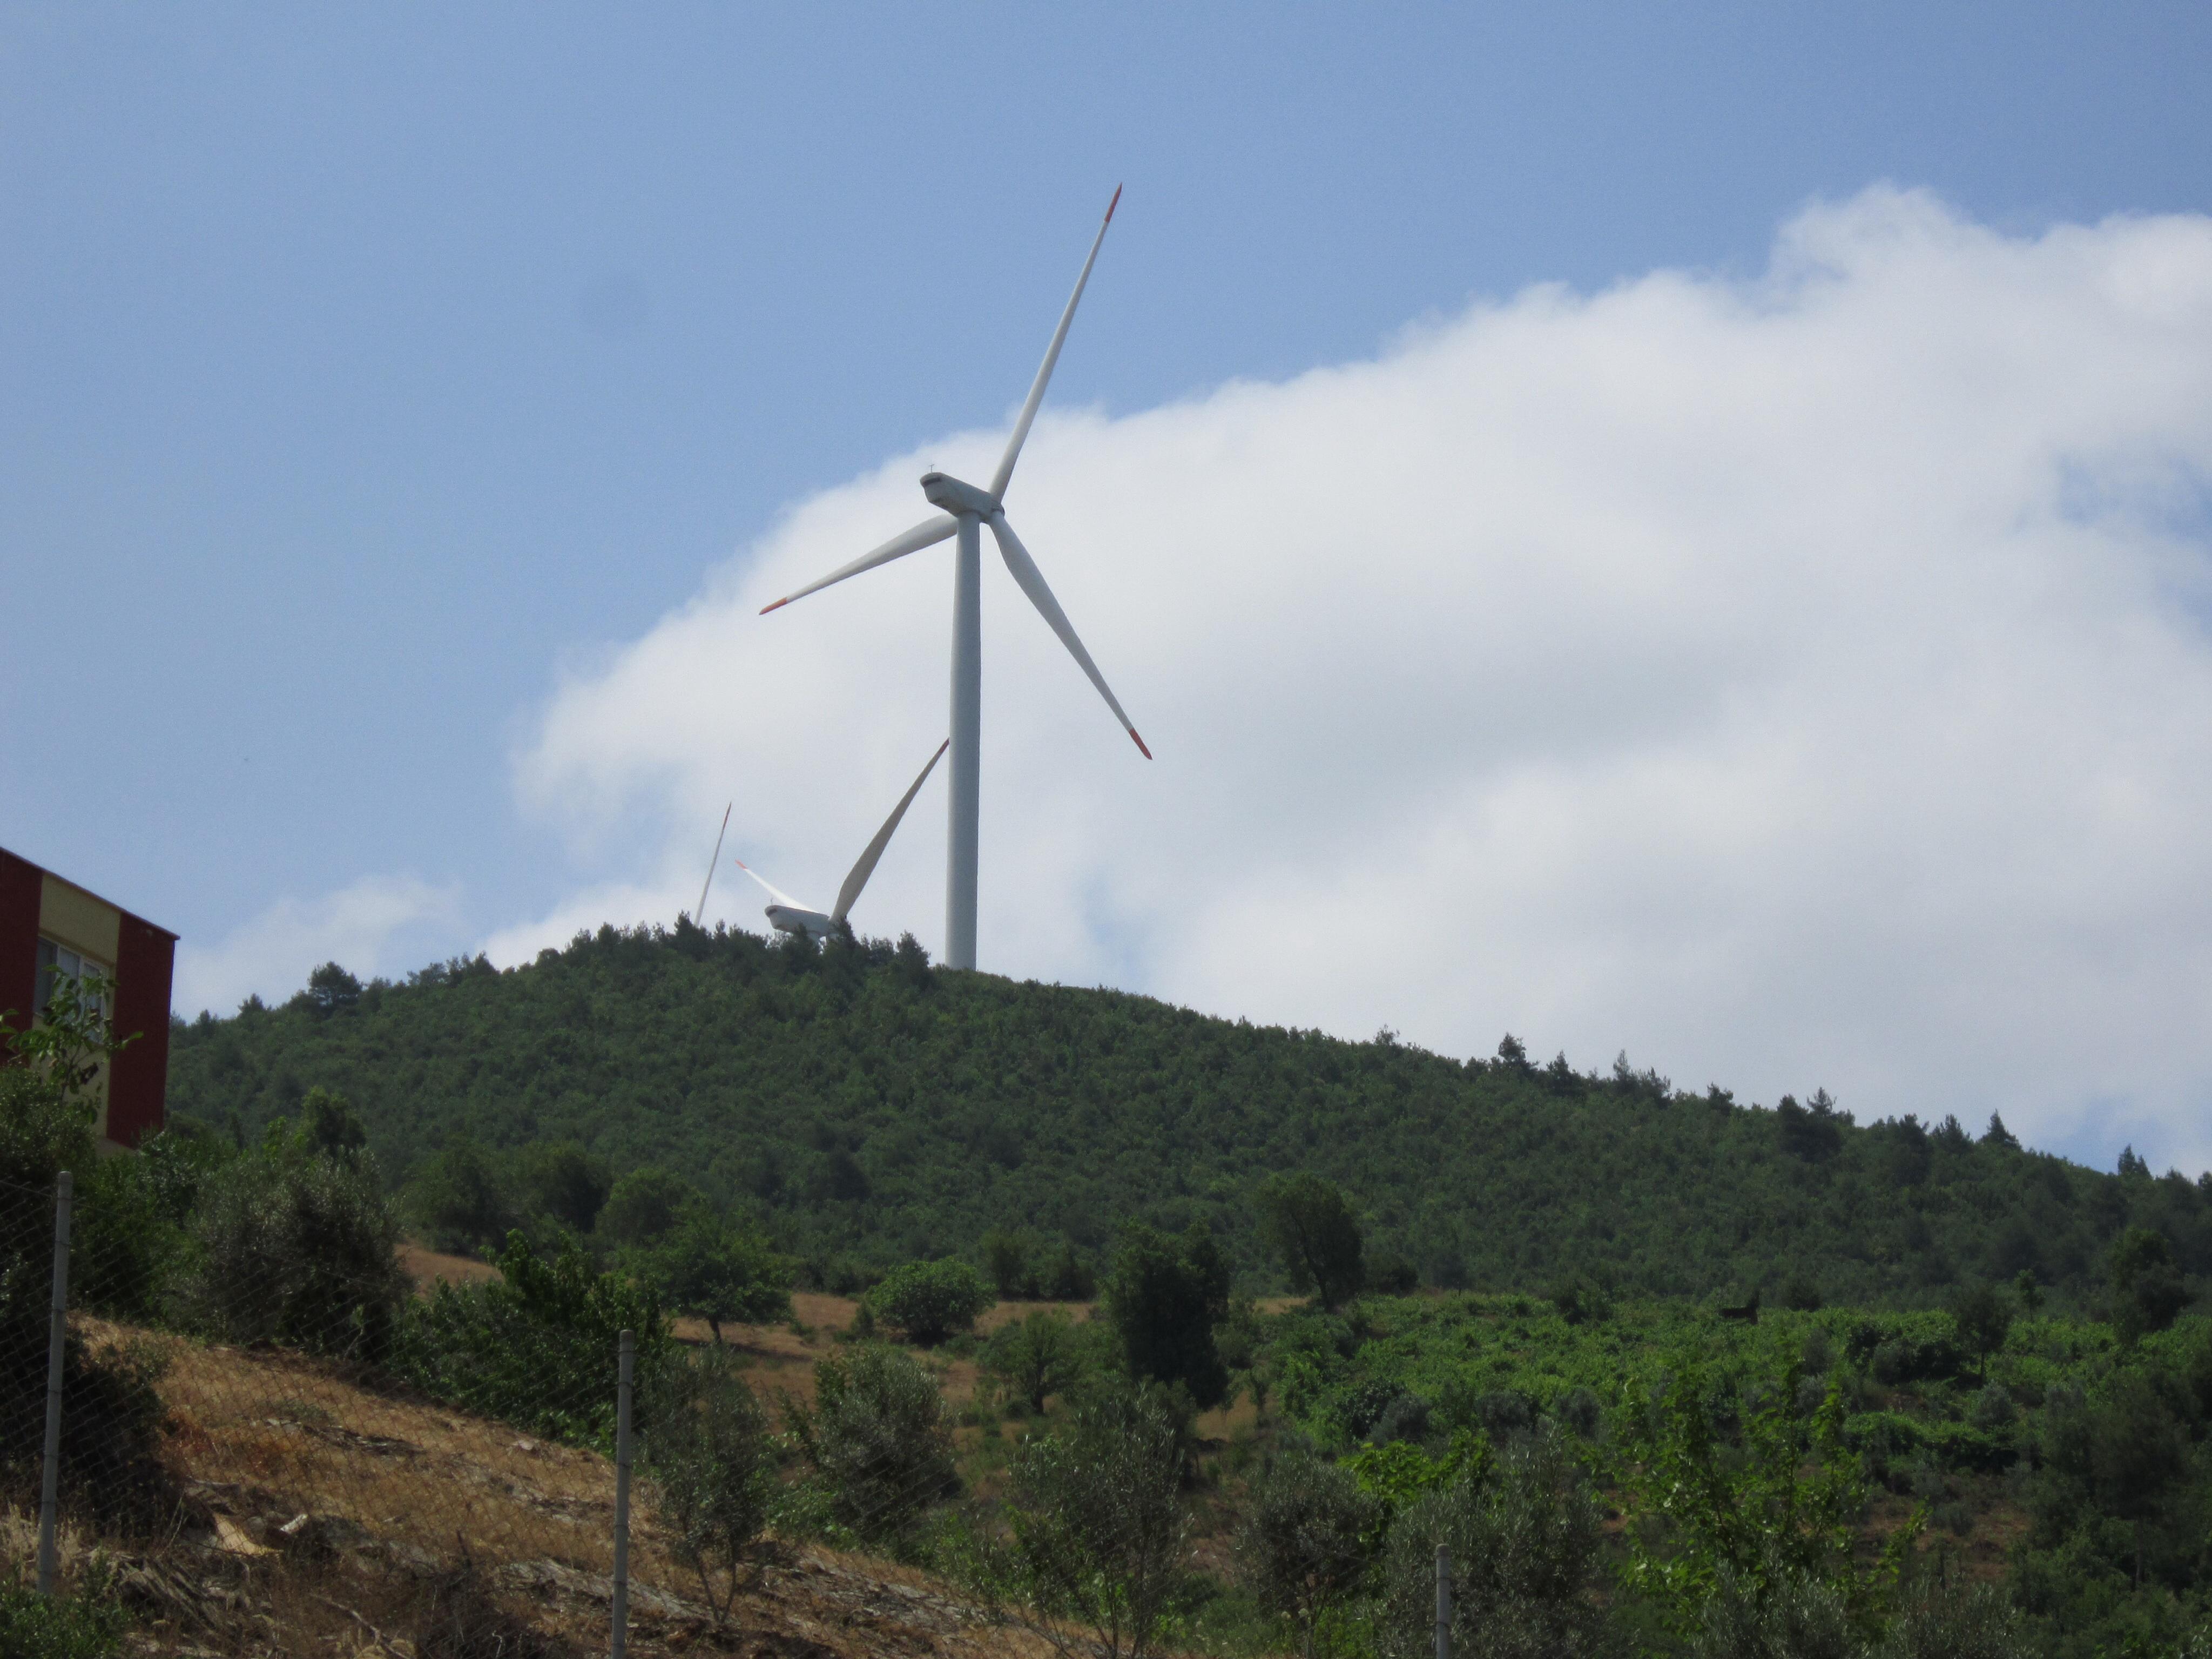 İzmir'de RES için plan değişti: Orman delinecek!